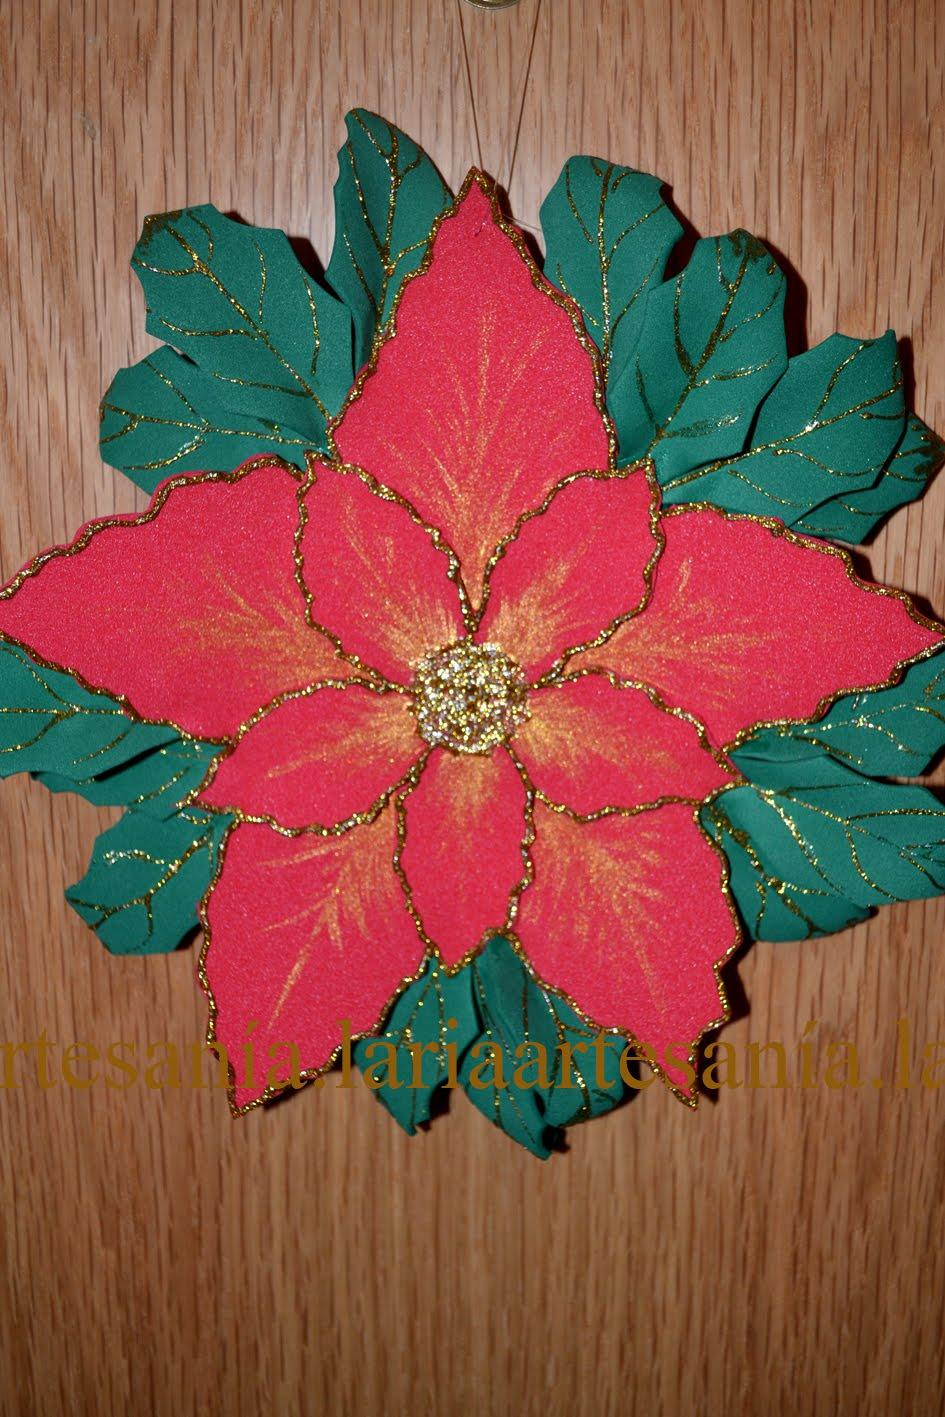 Artesan a laria adorno flor de pascua goma eva - Flor de goma eva ...